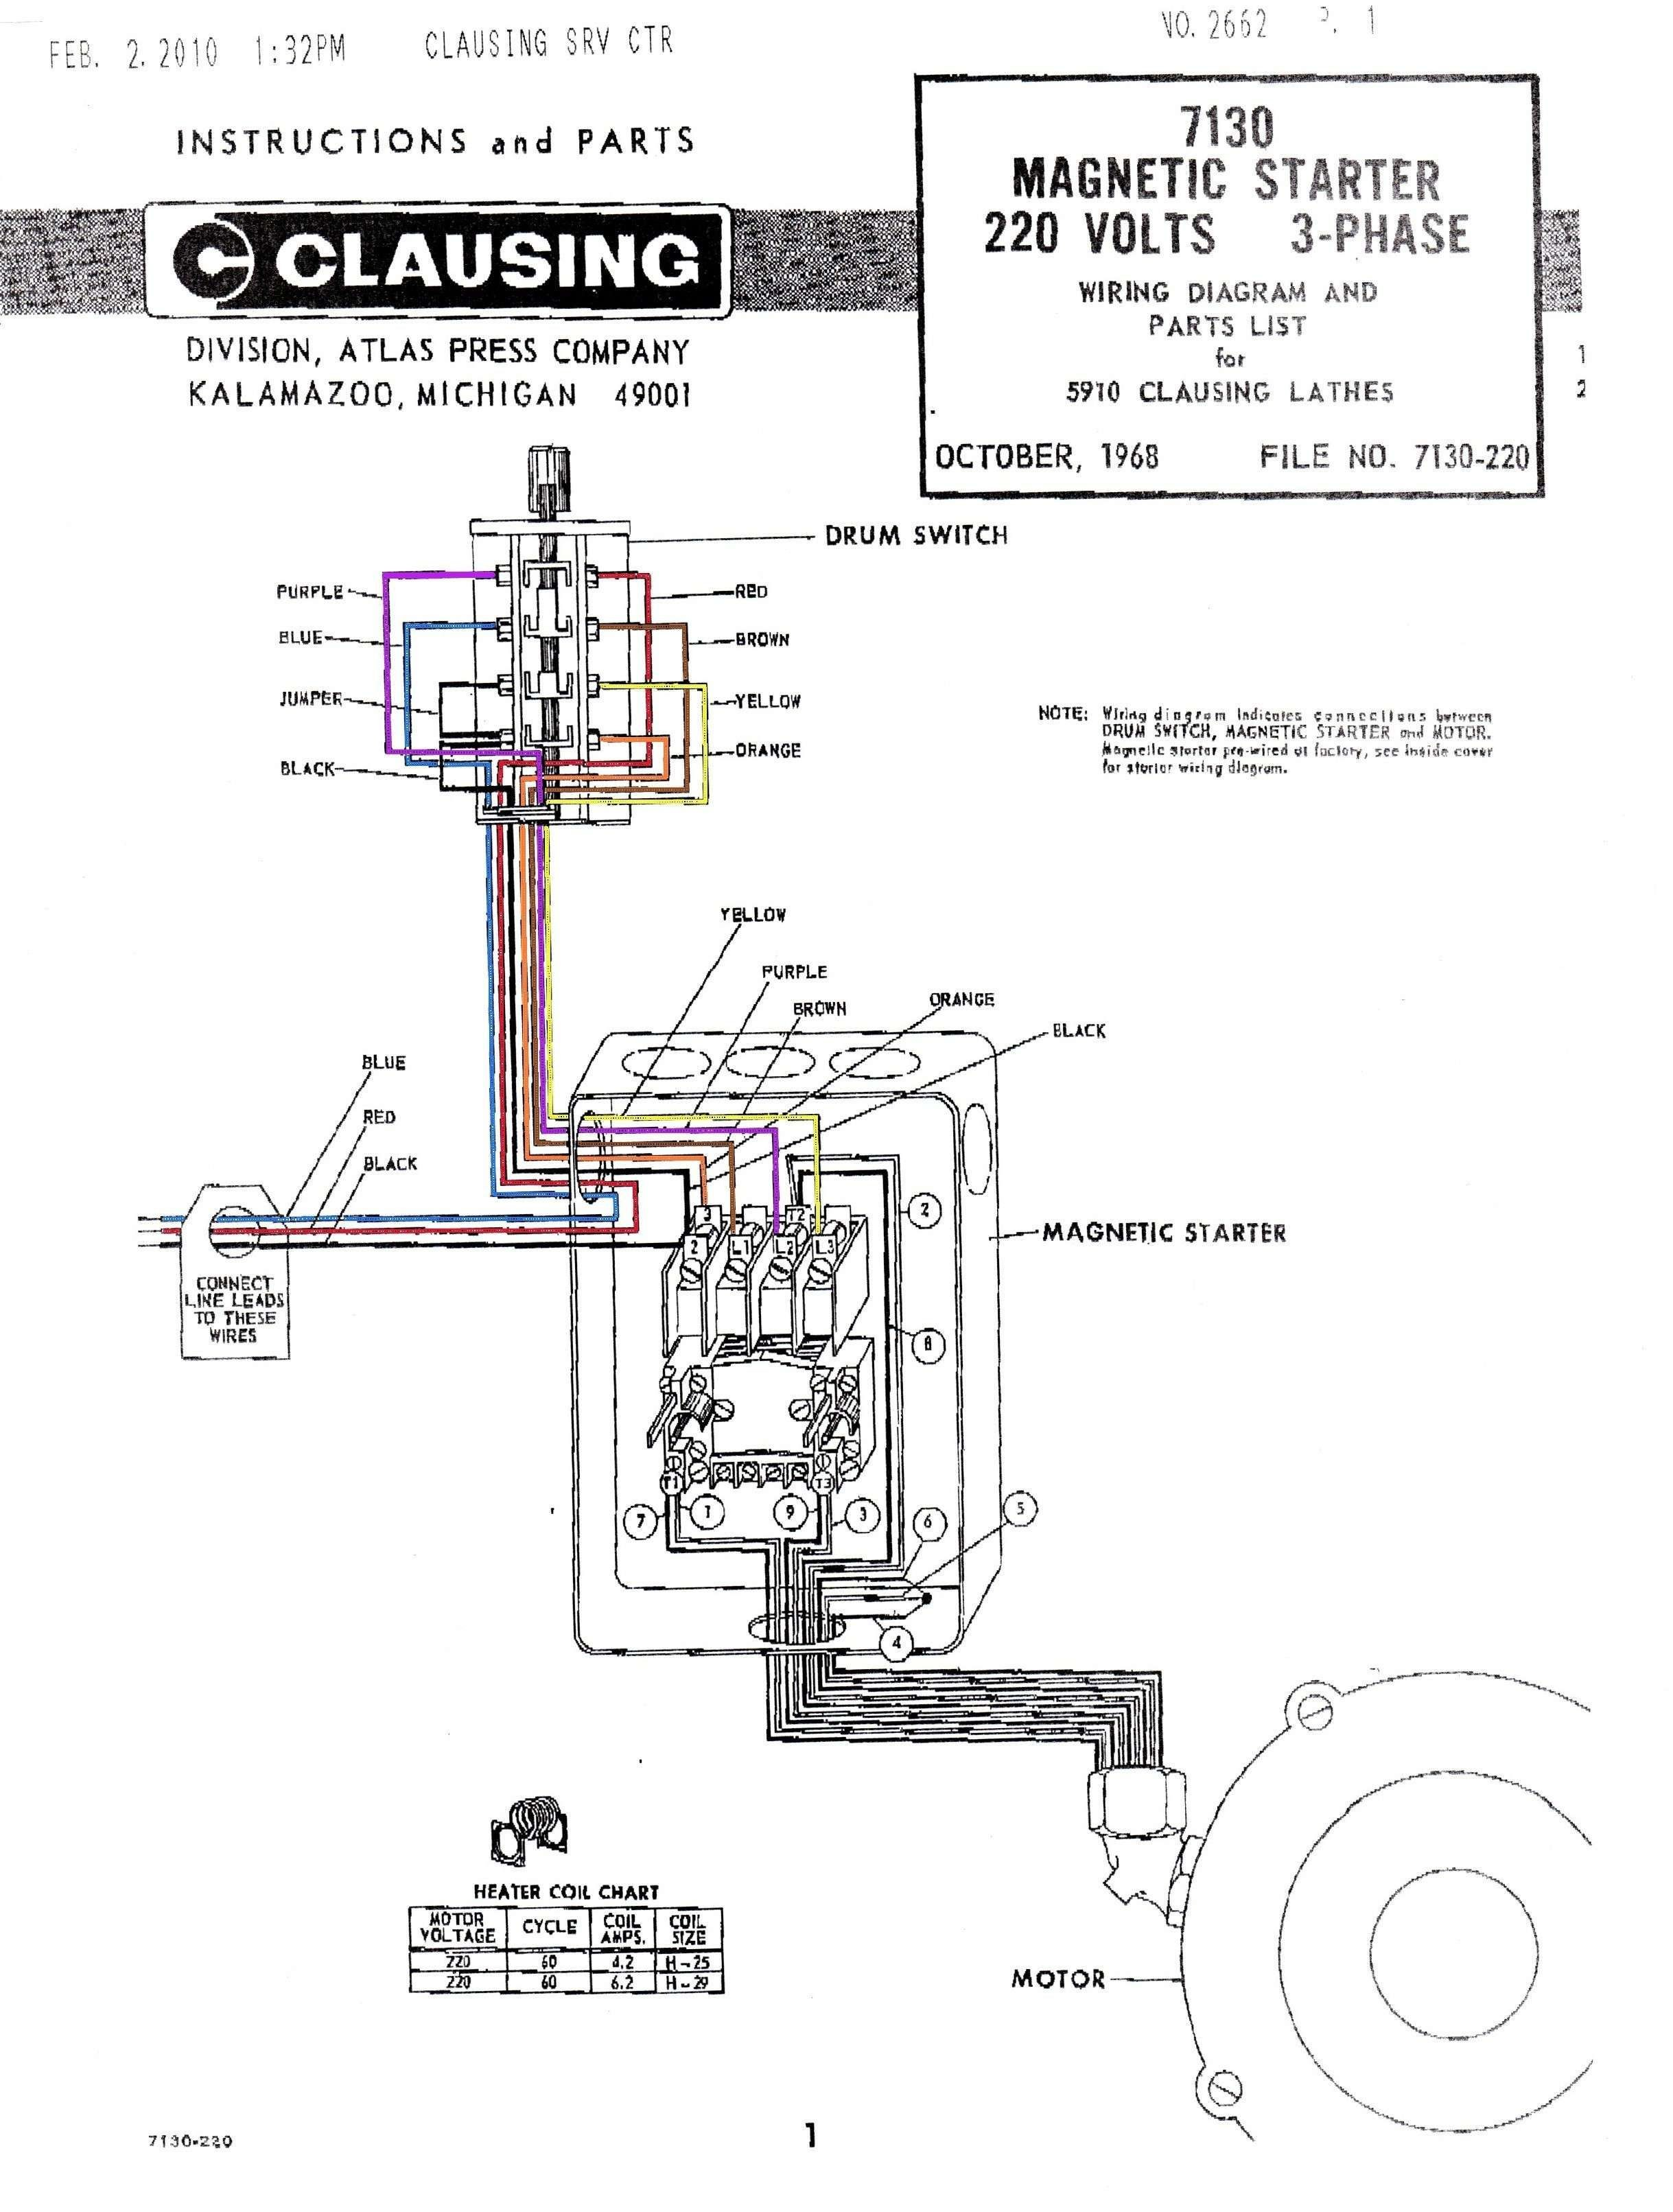 John Deere 345 Dash Wiring Diagram Wiring Diagram A Bathroom Of John Deere 345 Dash Wiring Diagram